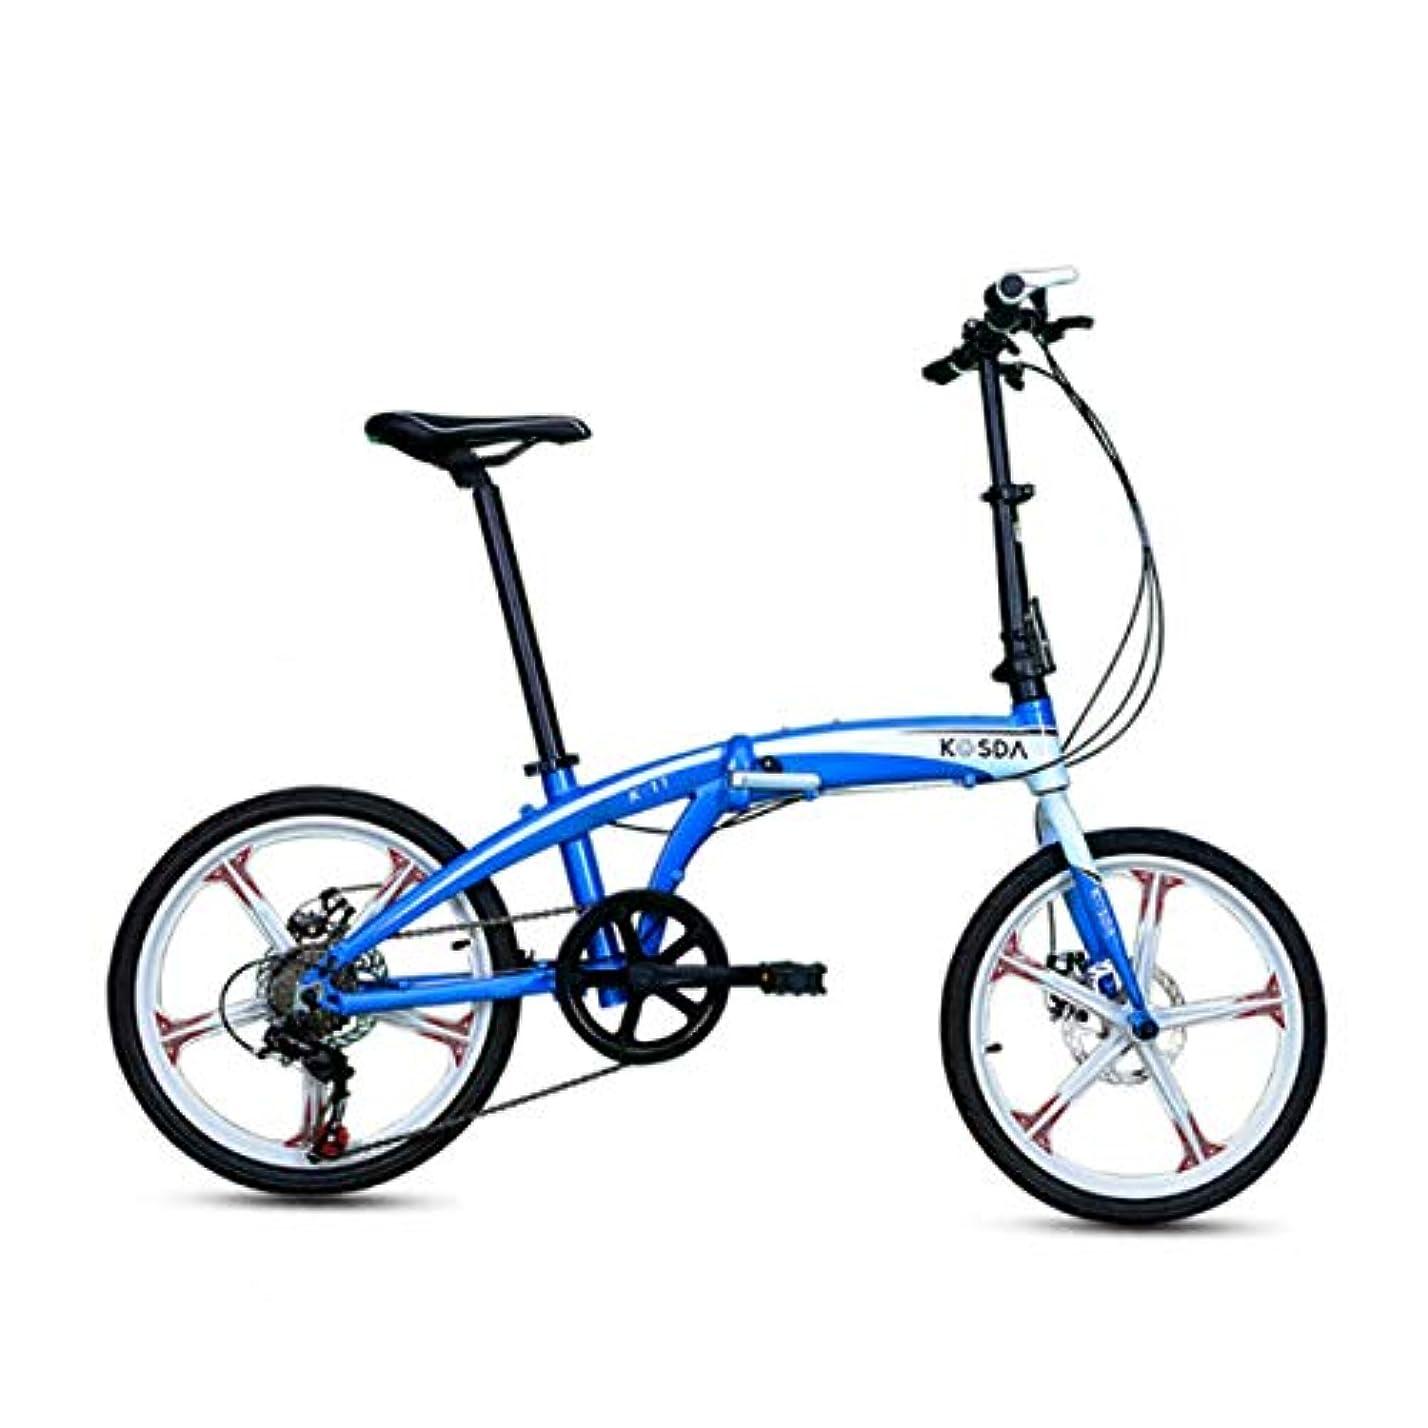 フクロウかけるピカソ自転車折りたたみ自転車20インチアルミ合金超軽量折りたたみ自転車大人ポータブル子供用女性の折りたたみ自転車、赤